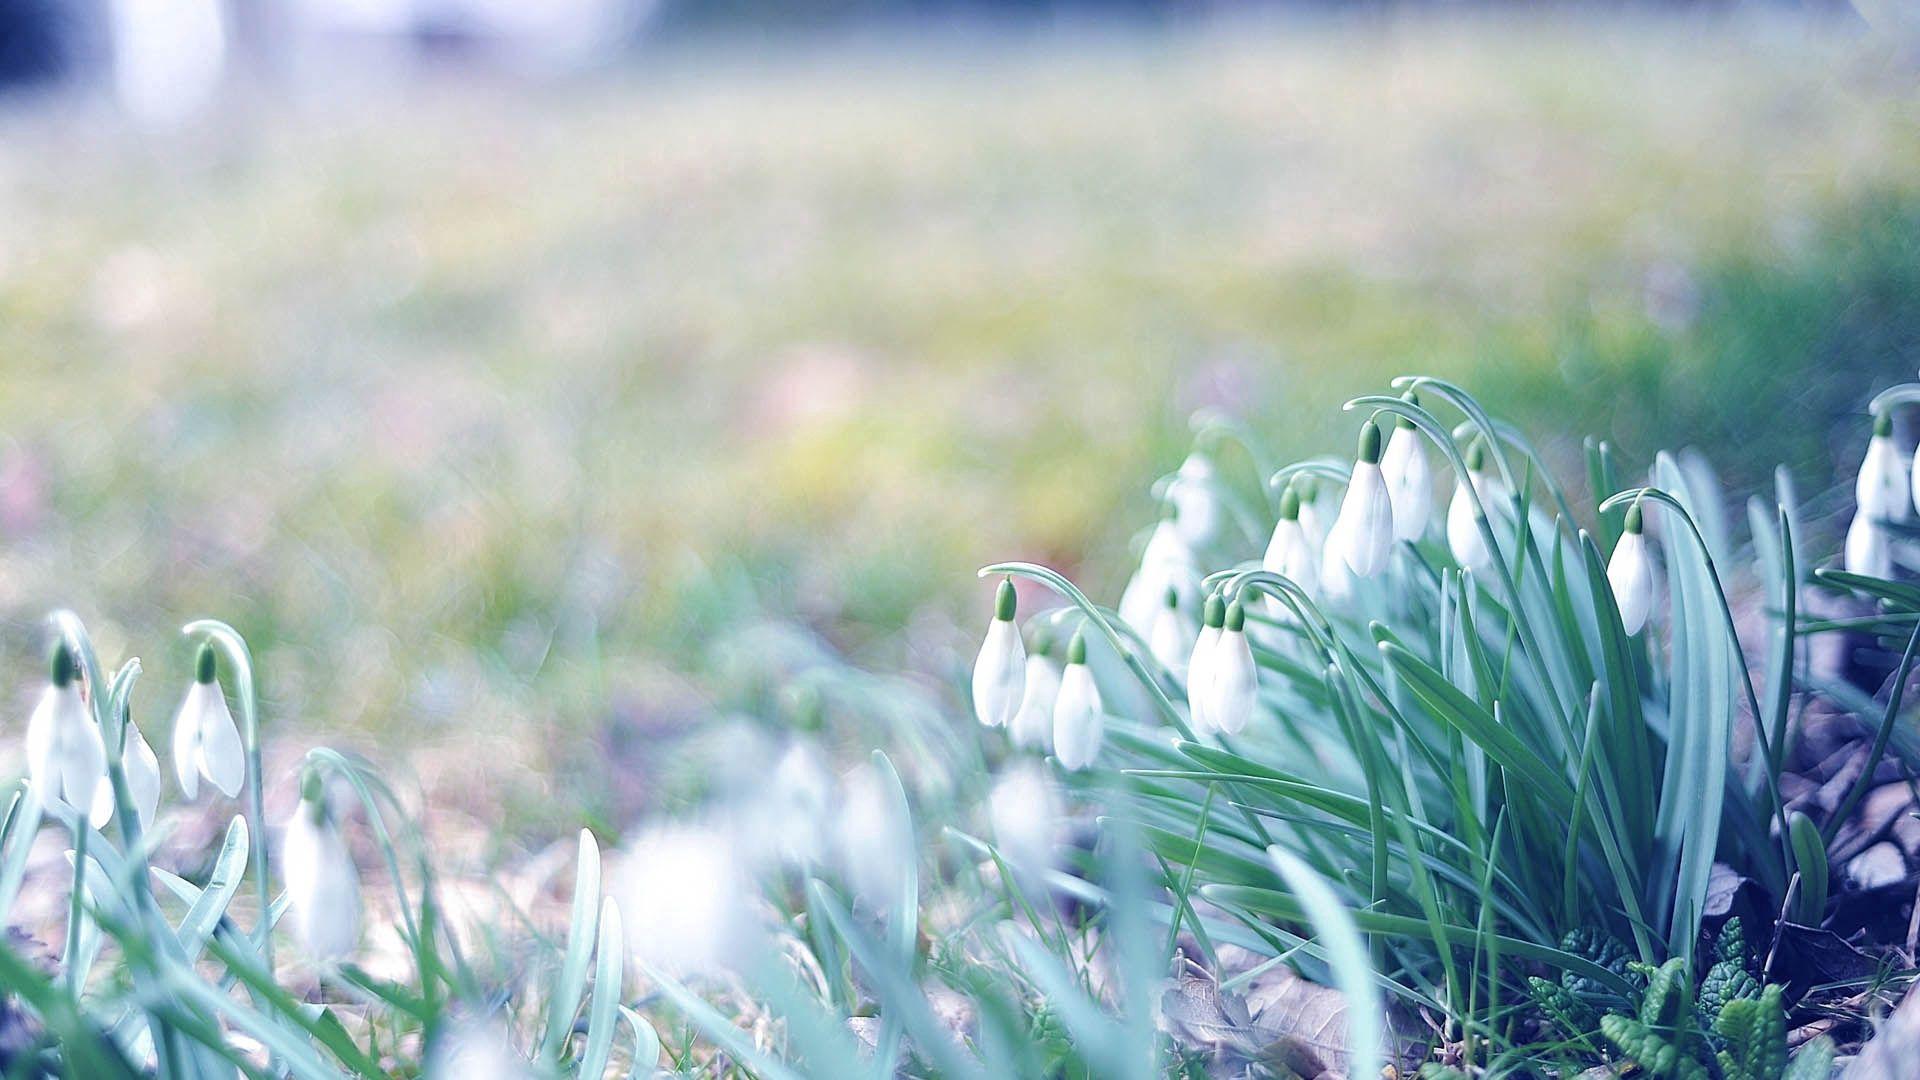 97856 Заставки и Обои Подснежники на телефон. Скачать Цветы, Трава, Подснежники, Растение, Макро картинки бесплатно